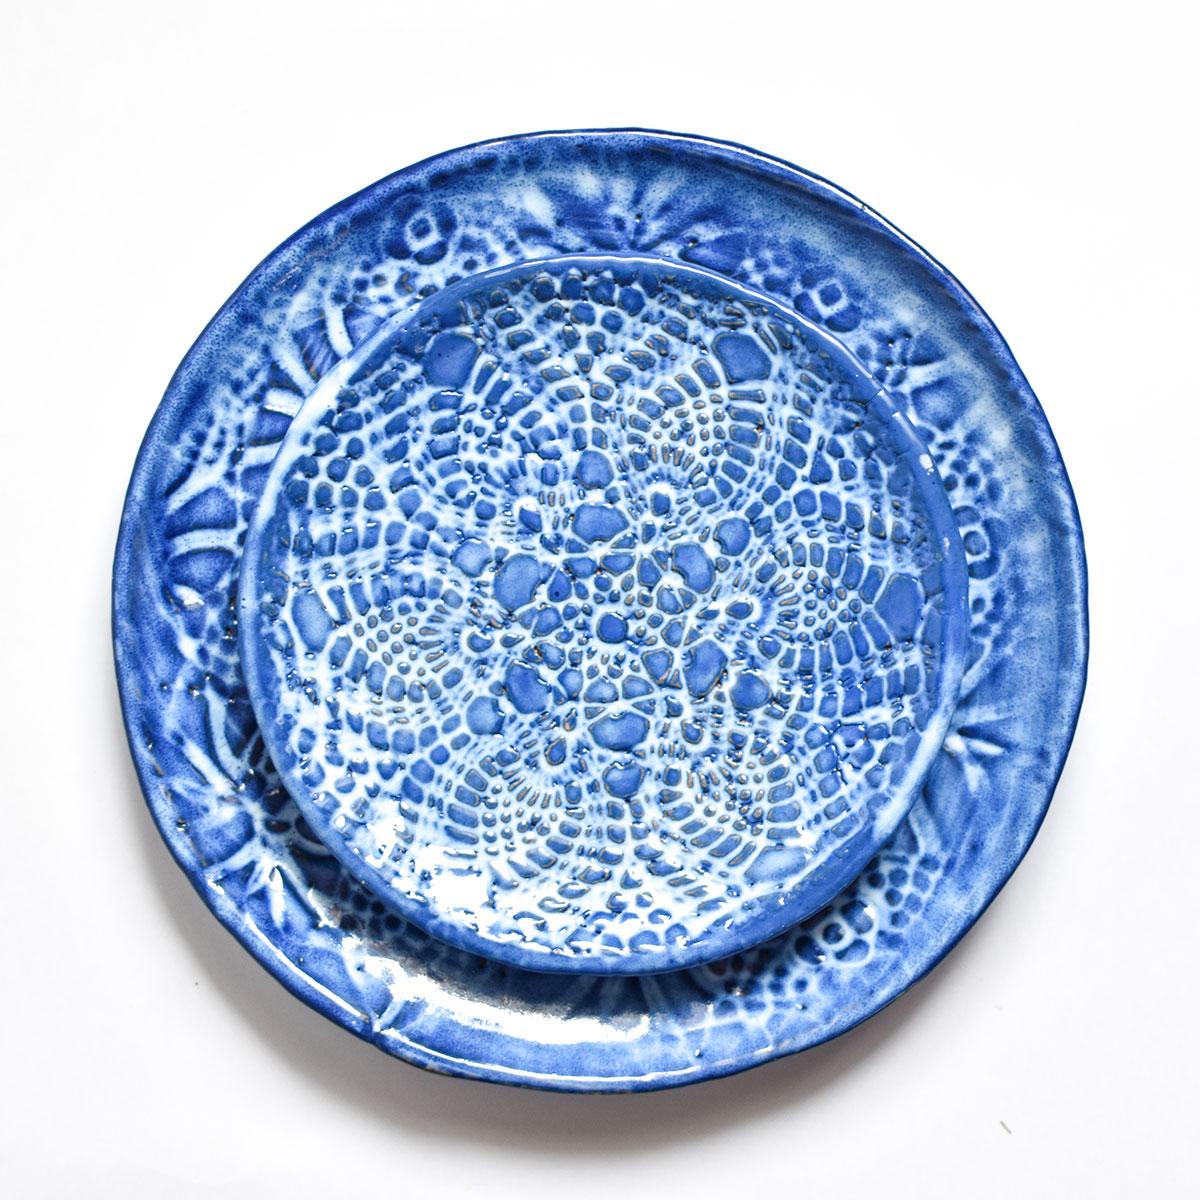 """картинка Кружевное блюдце ручной работы """"Морозные узоры"""" 1 - DishWishes.Ru"""